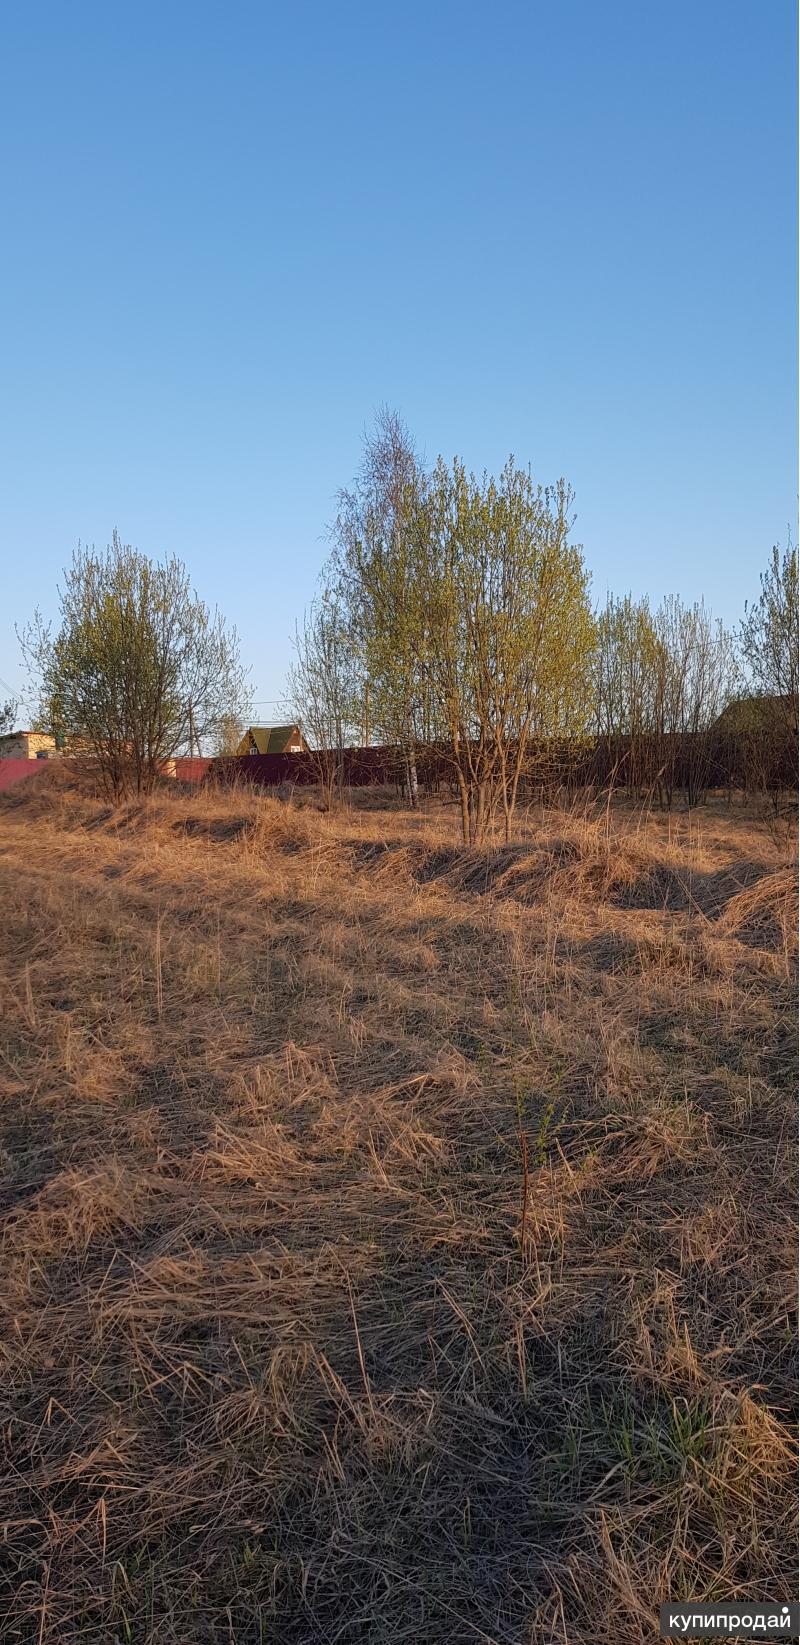 Срочная продажа, участок 20 соток, 25 км. от Чехов